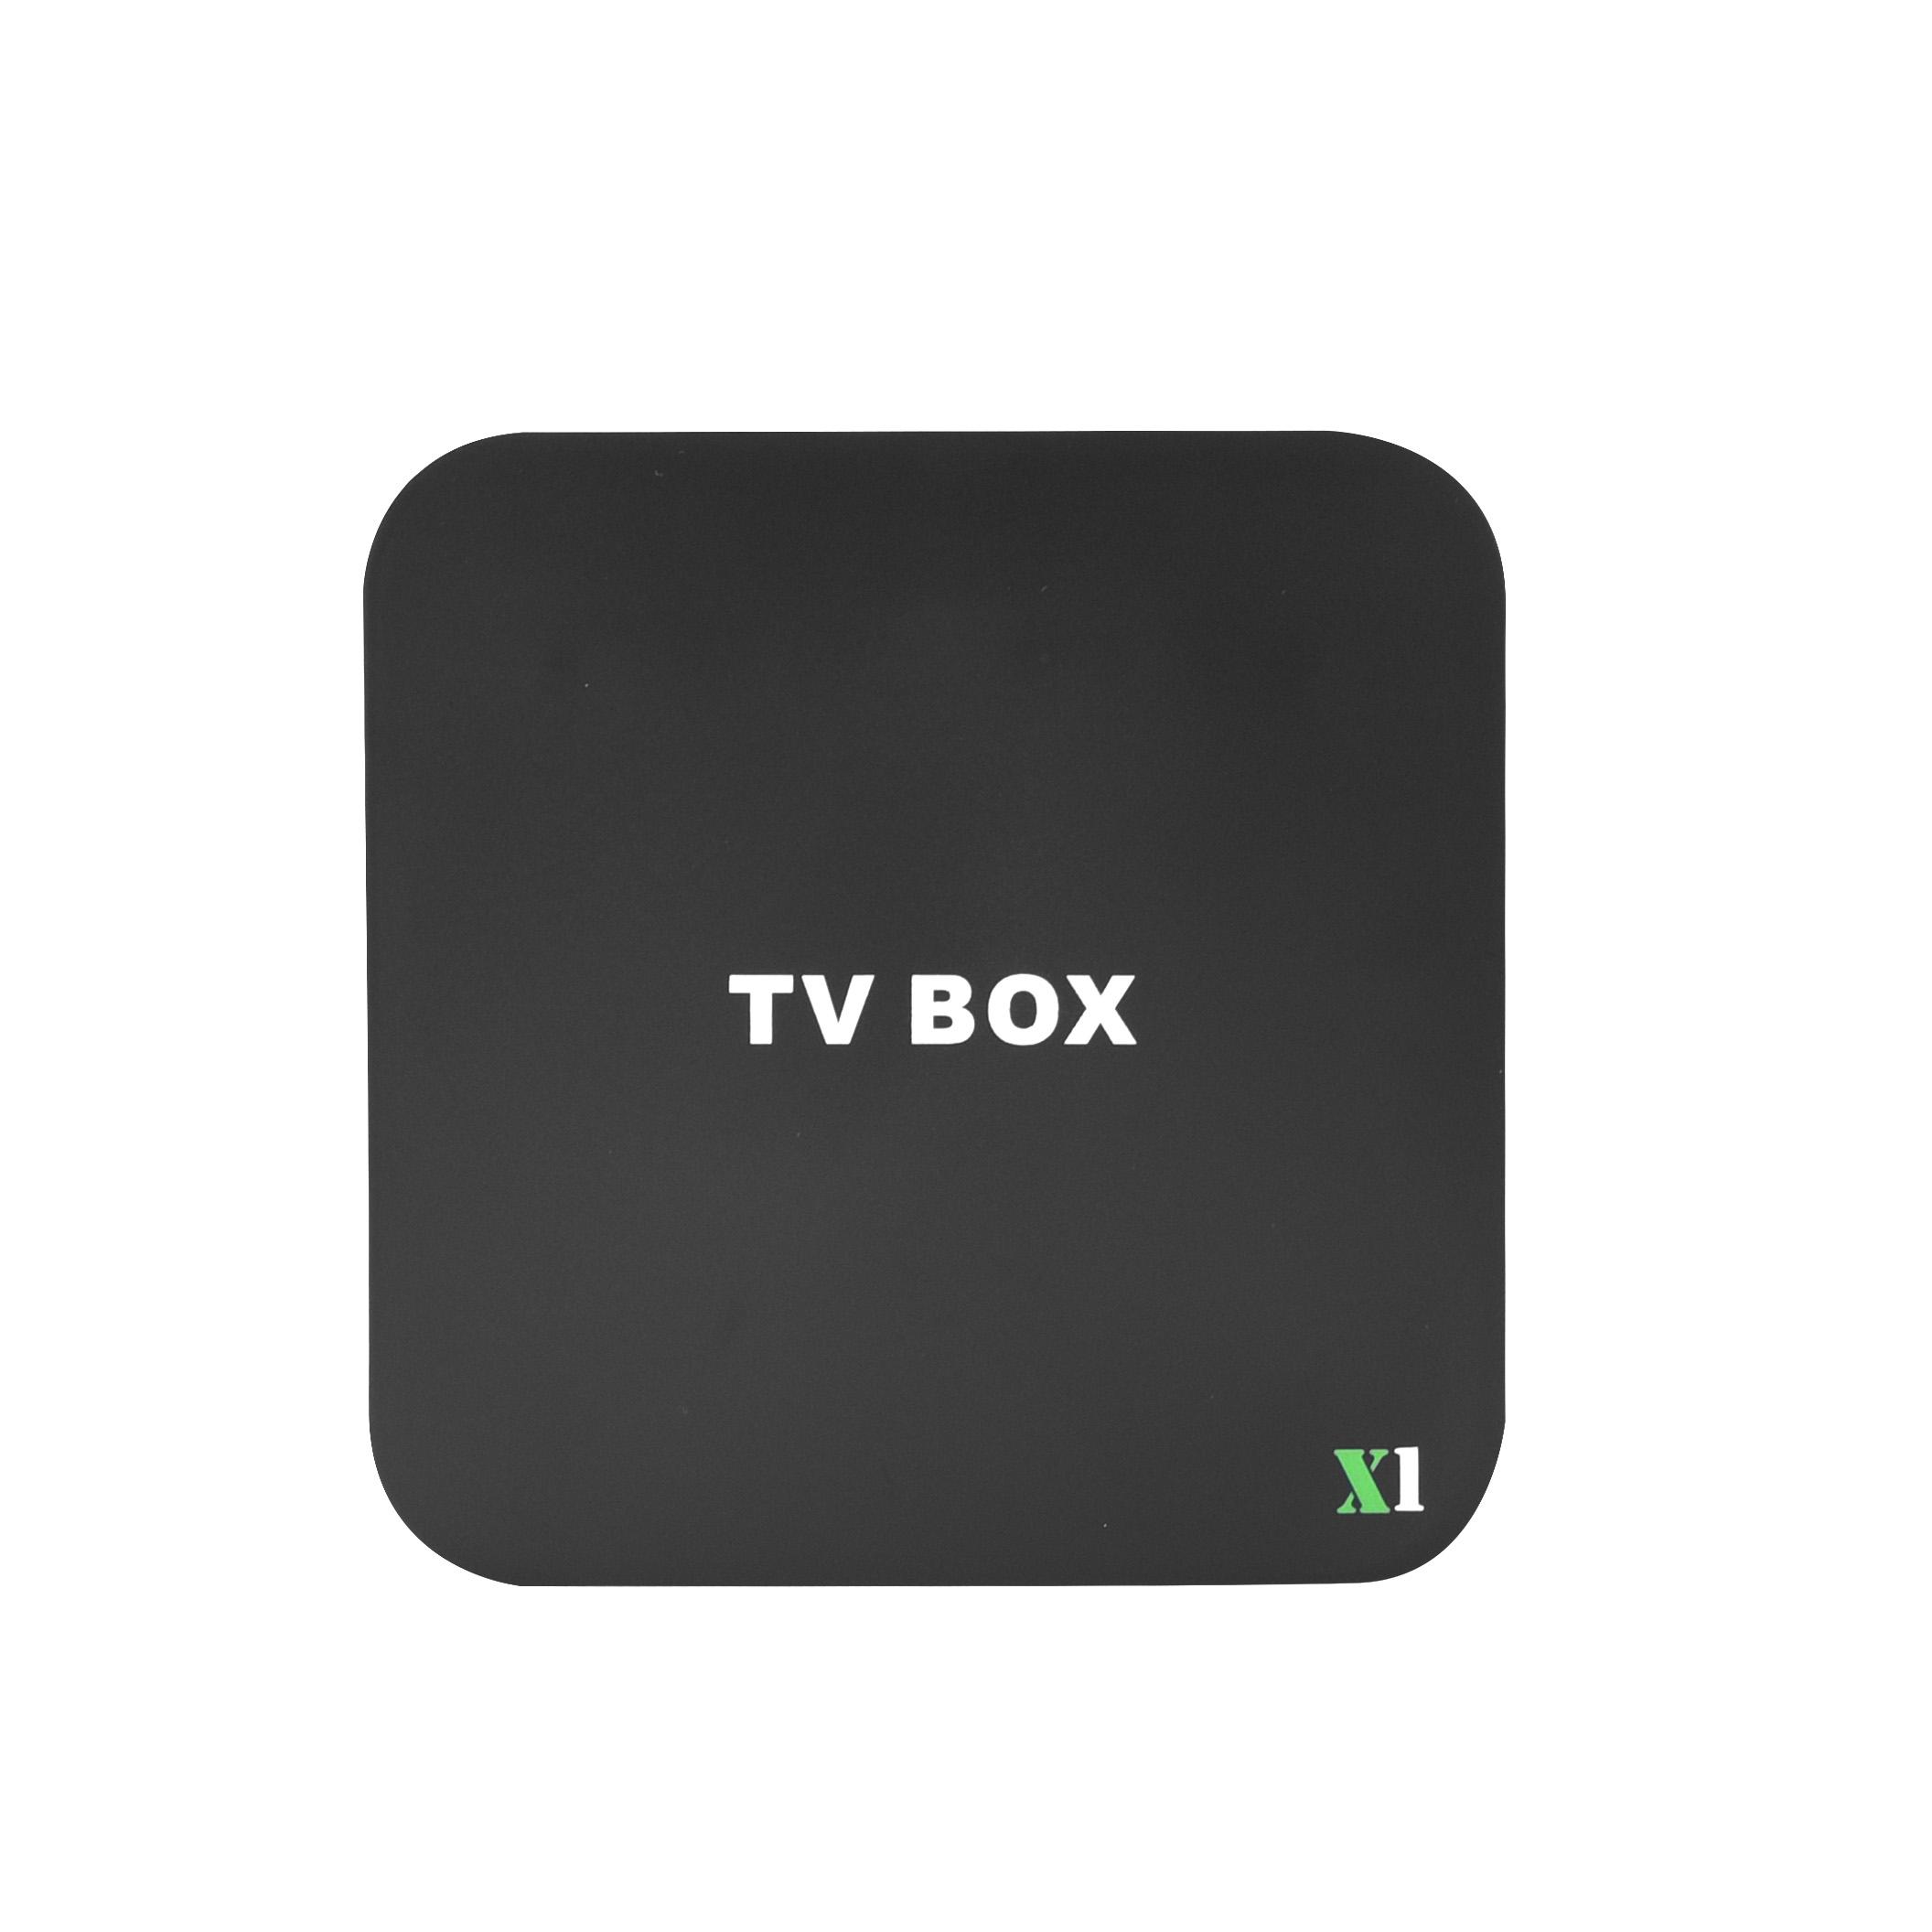 חם מכירות רשת חכם טלוויזיה תיבת X1 WIFI אוט IPTV 1G + 8G HD 4K שחור אנדרואיד טלוויזיה תיבה